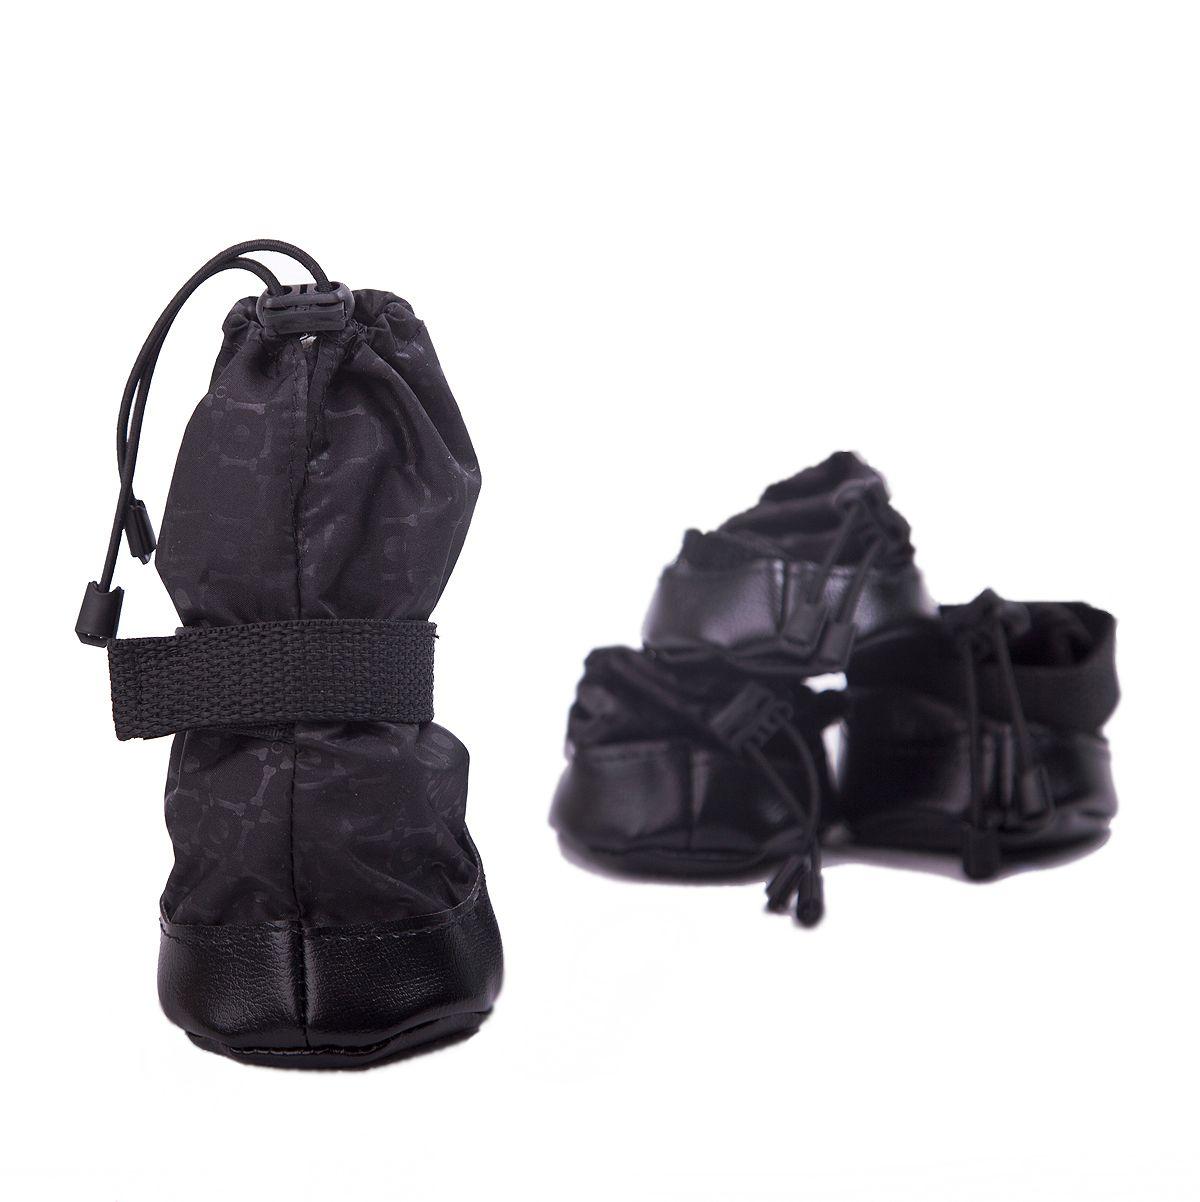 Ботинки для собак OSSO Fashion, короткие, унисекс, цвет: черный. Размер 3 цена